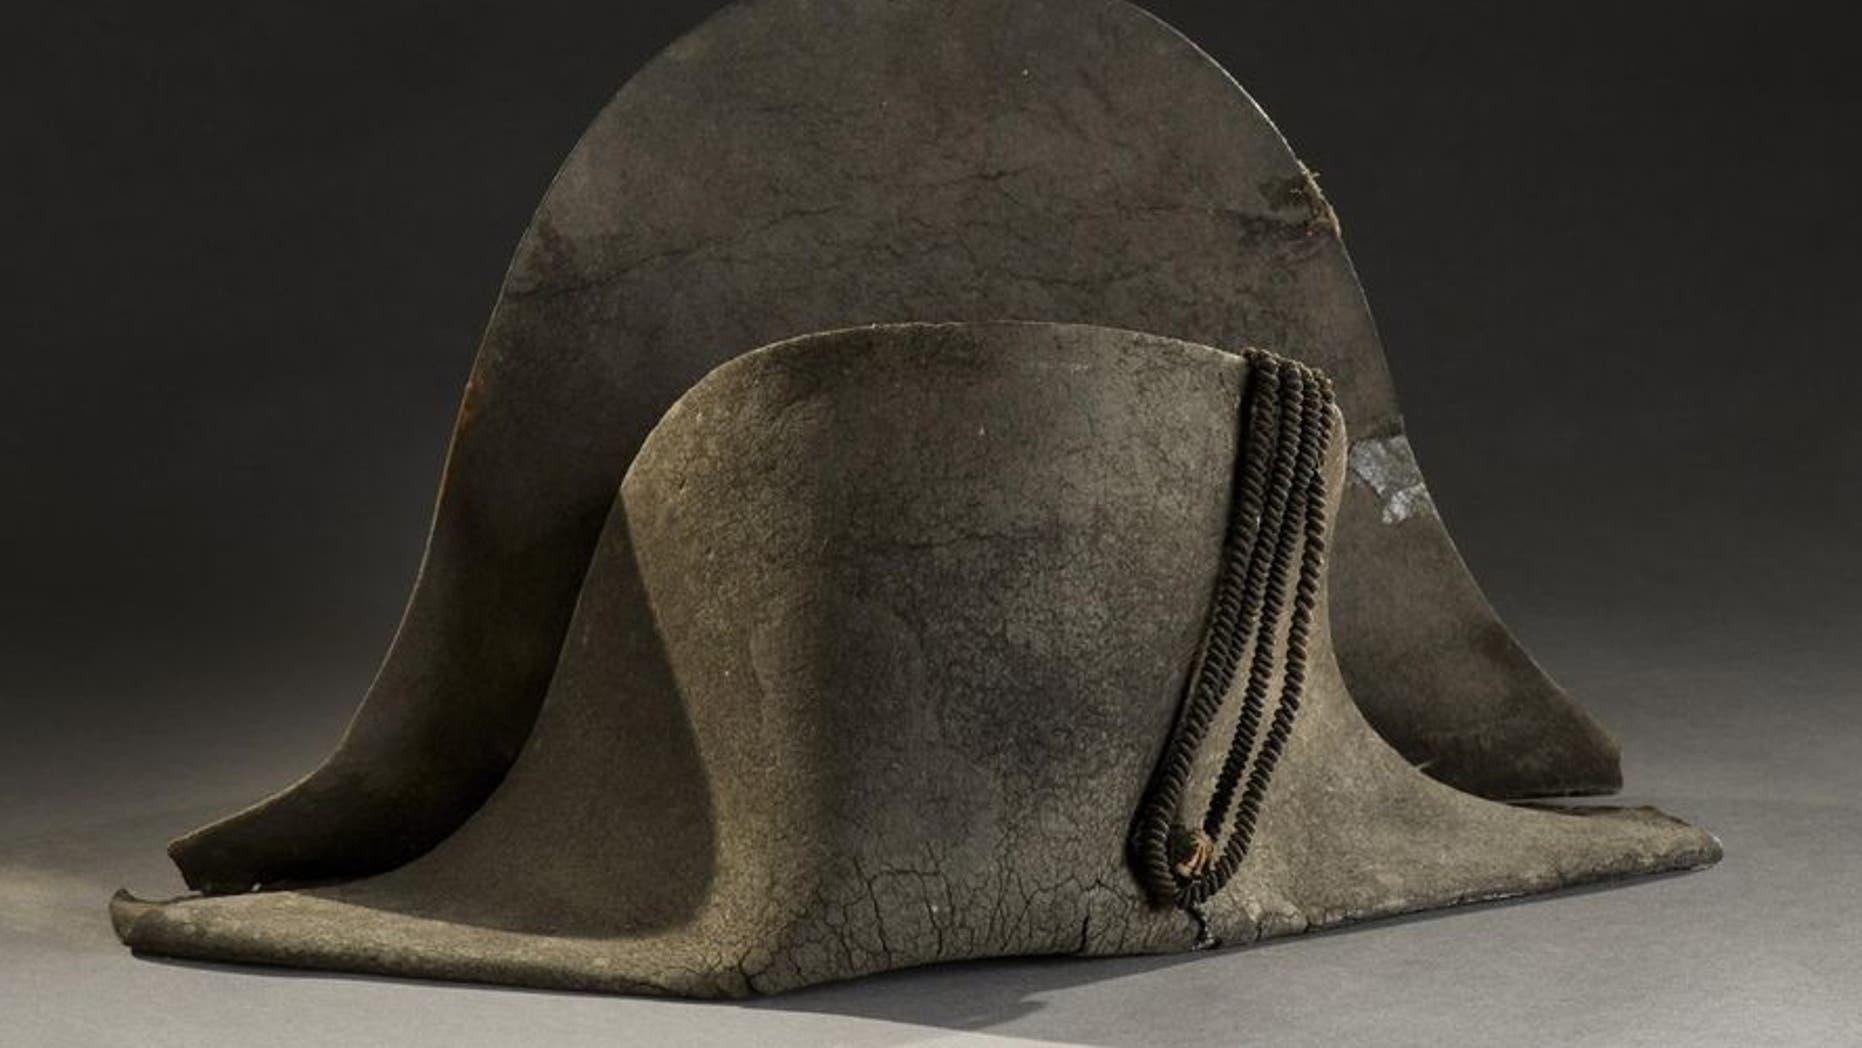 Napoleon wore the hat at the 1815 battle of Waterloo (De Baecque)